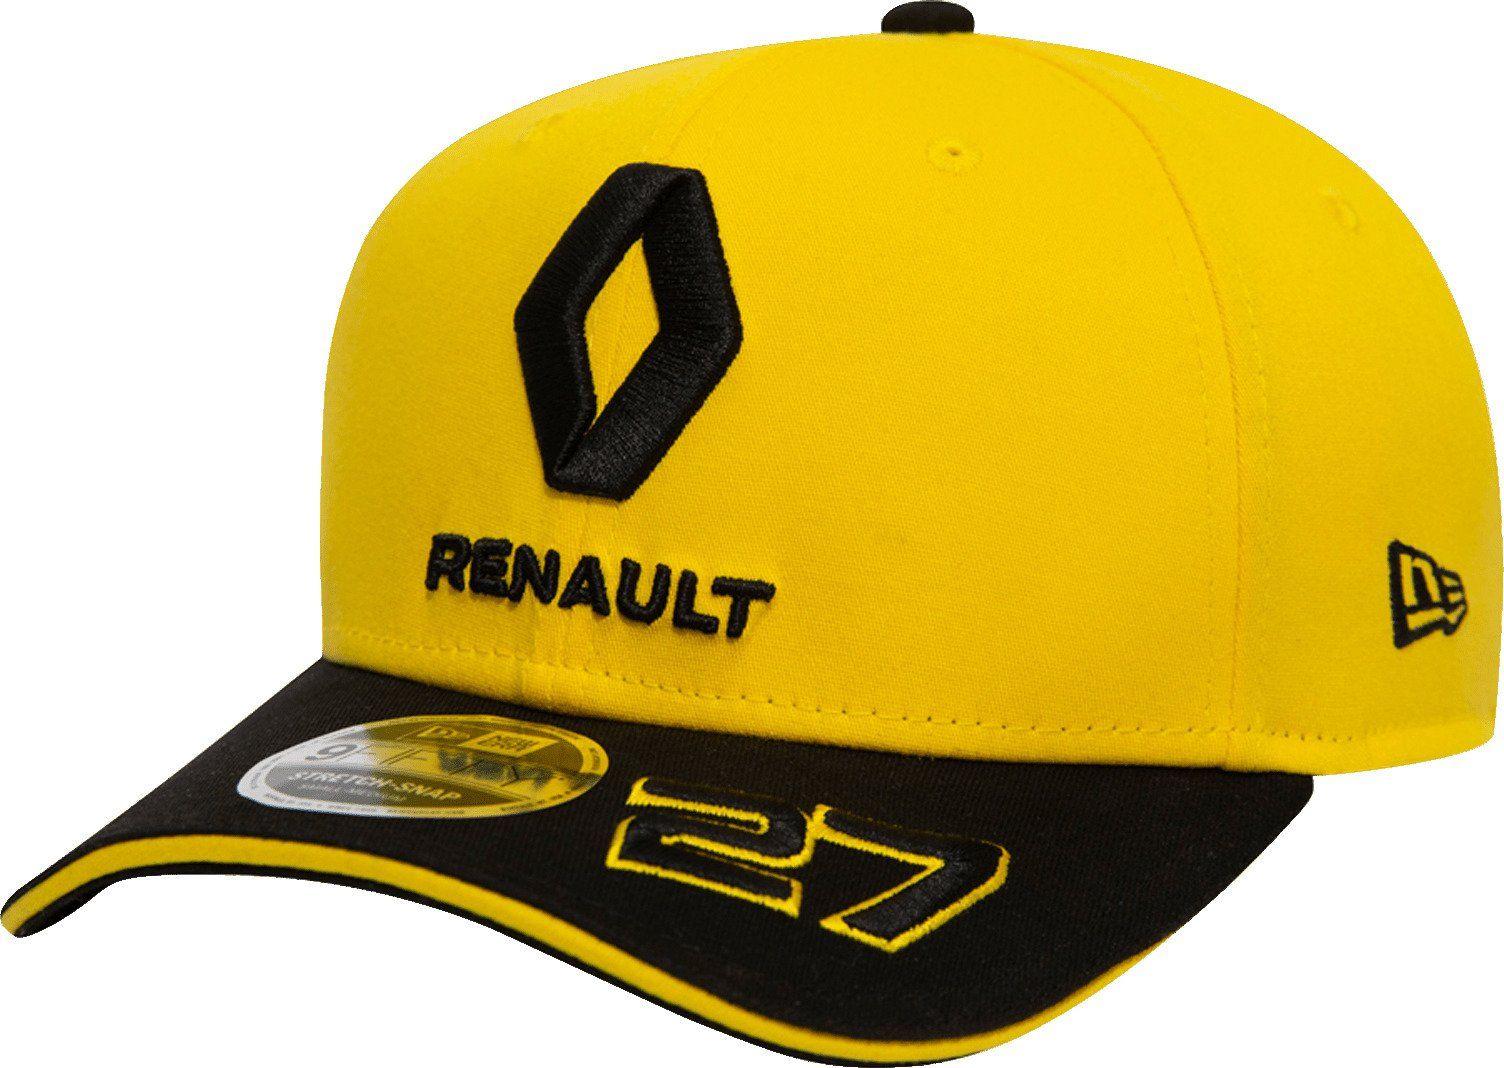 Czapka zespołu Renault F1 Nico Hulkenberg